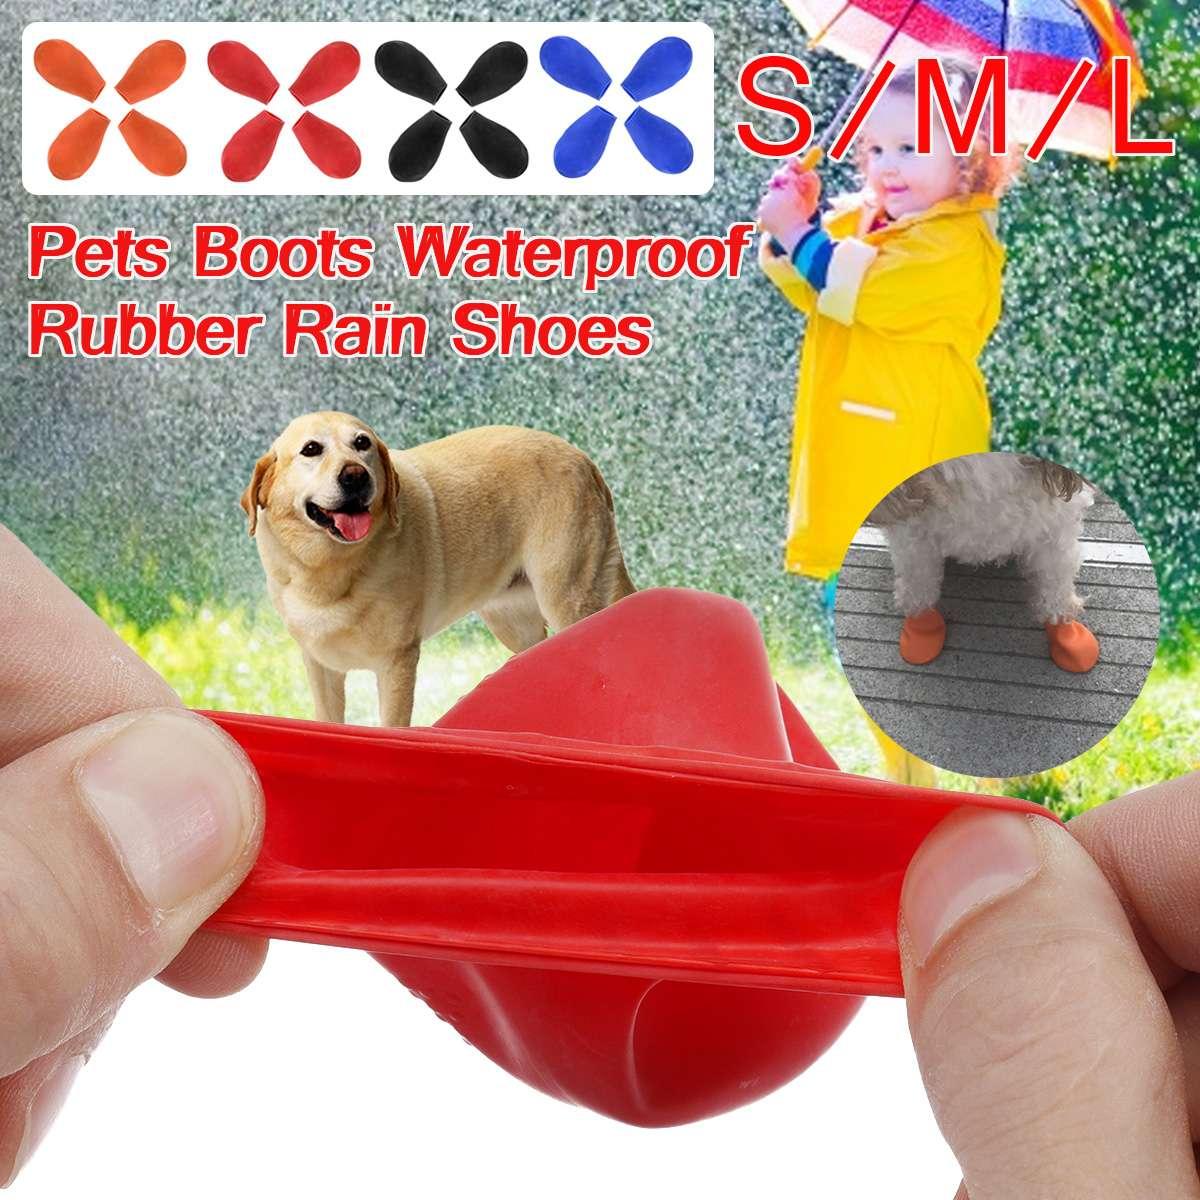 1 комплект/4 шт.; носки для домашних животных; Водонепроницаемая Резиновая обувь для дождливой собаки; нескользящая Уличная обувь для щенков; яркие цвета